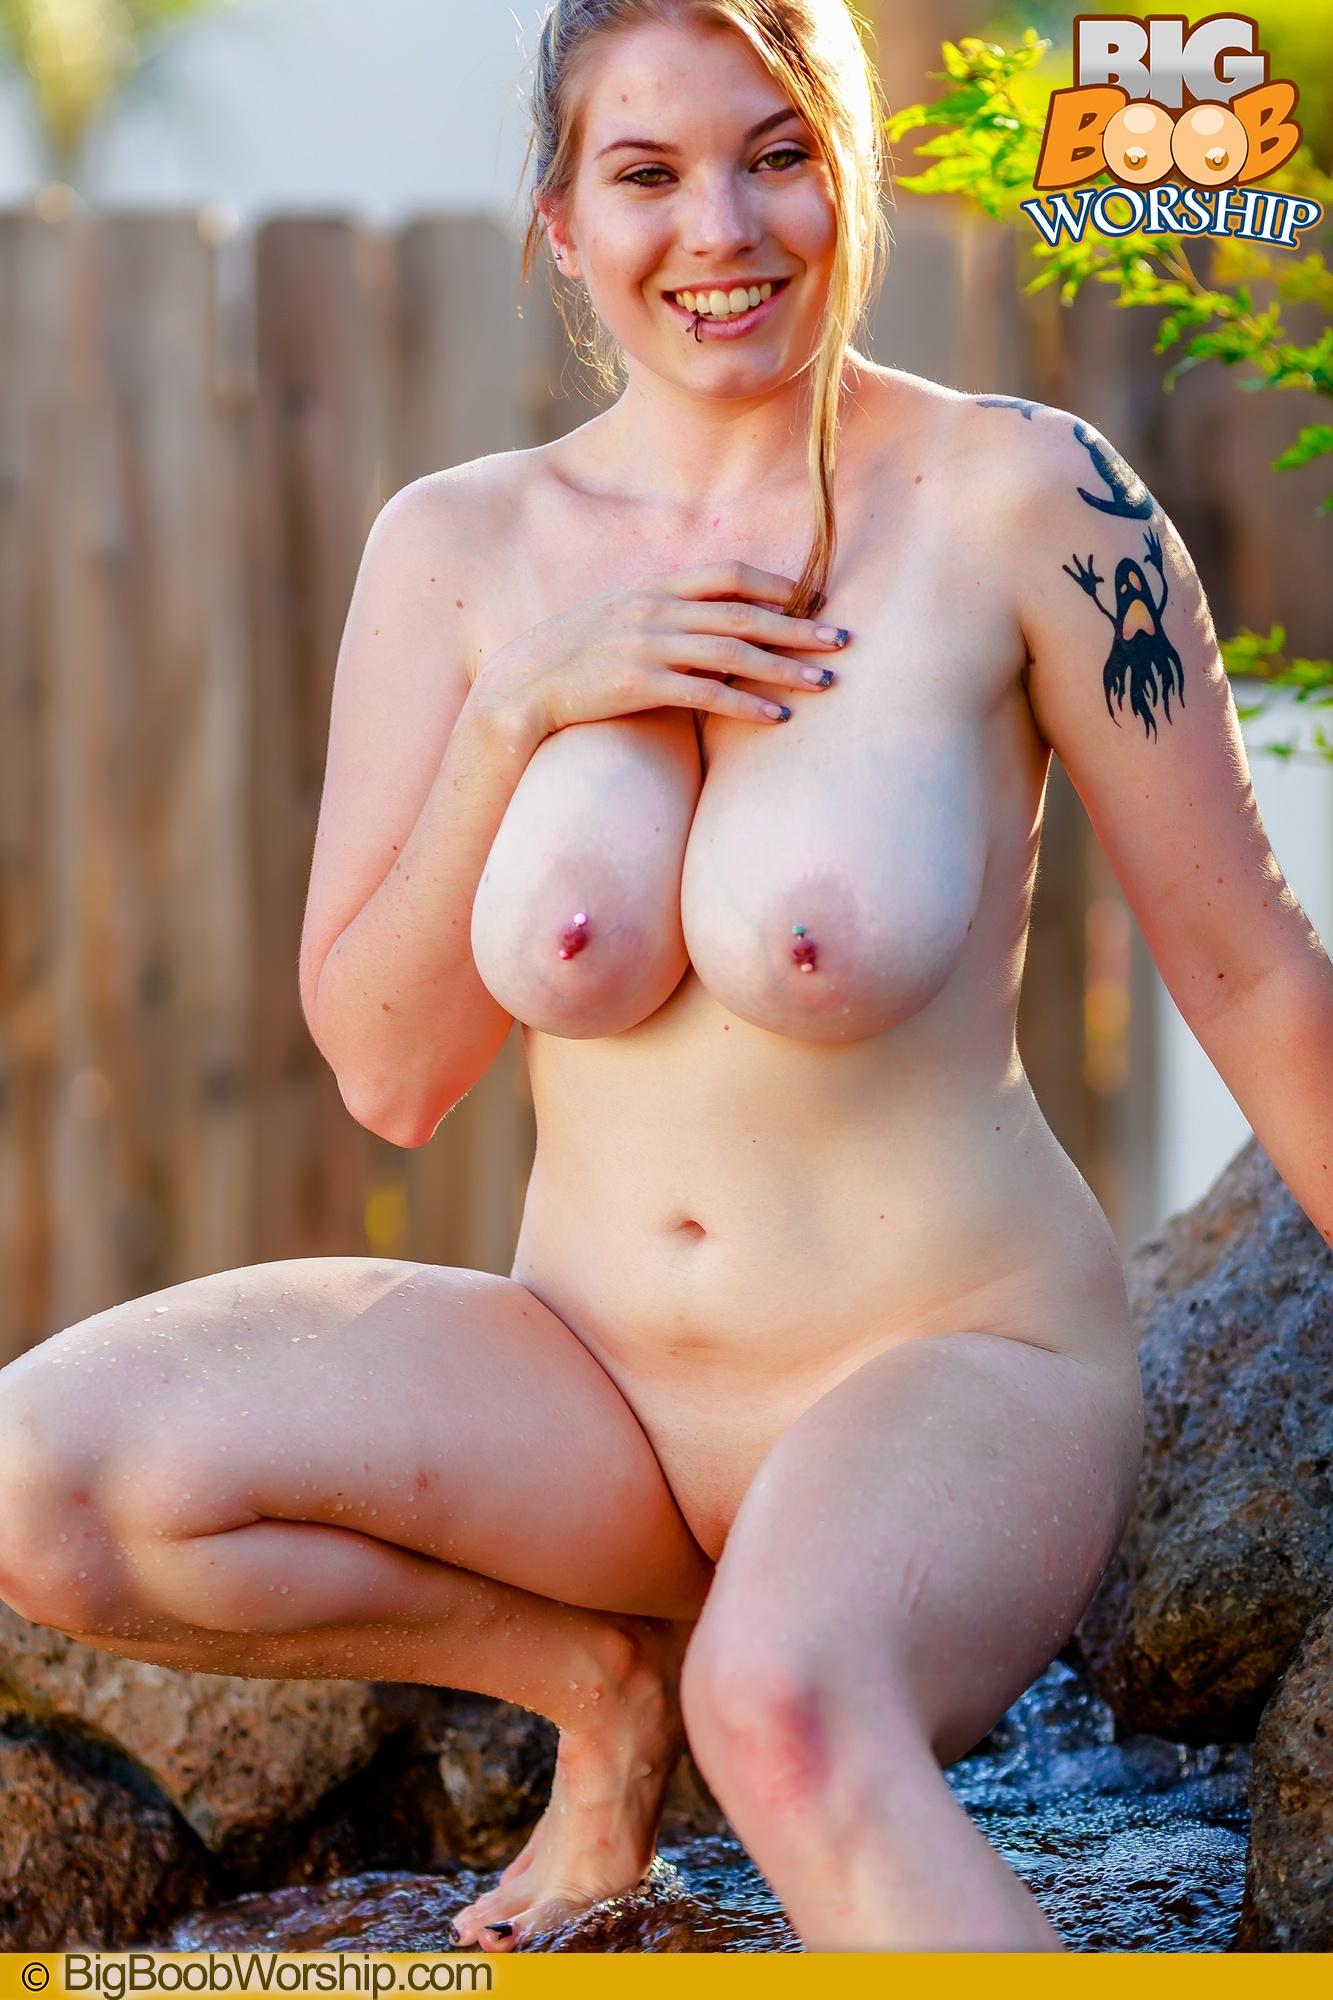 big boob worship